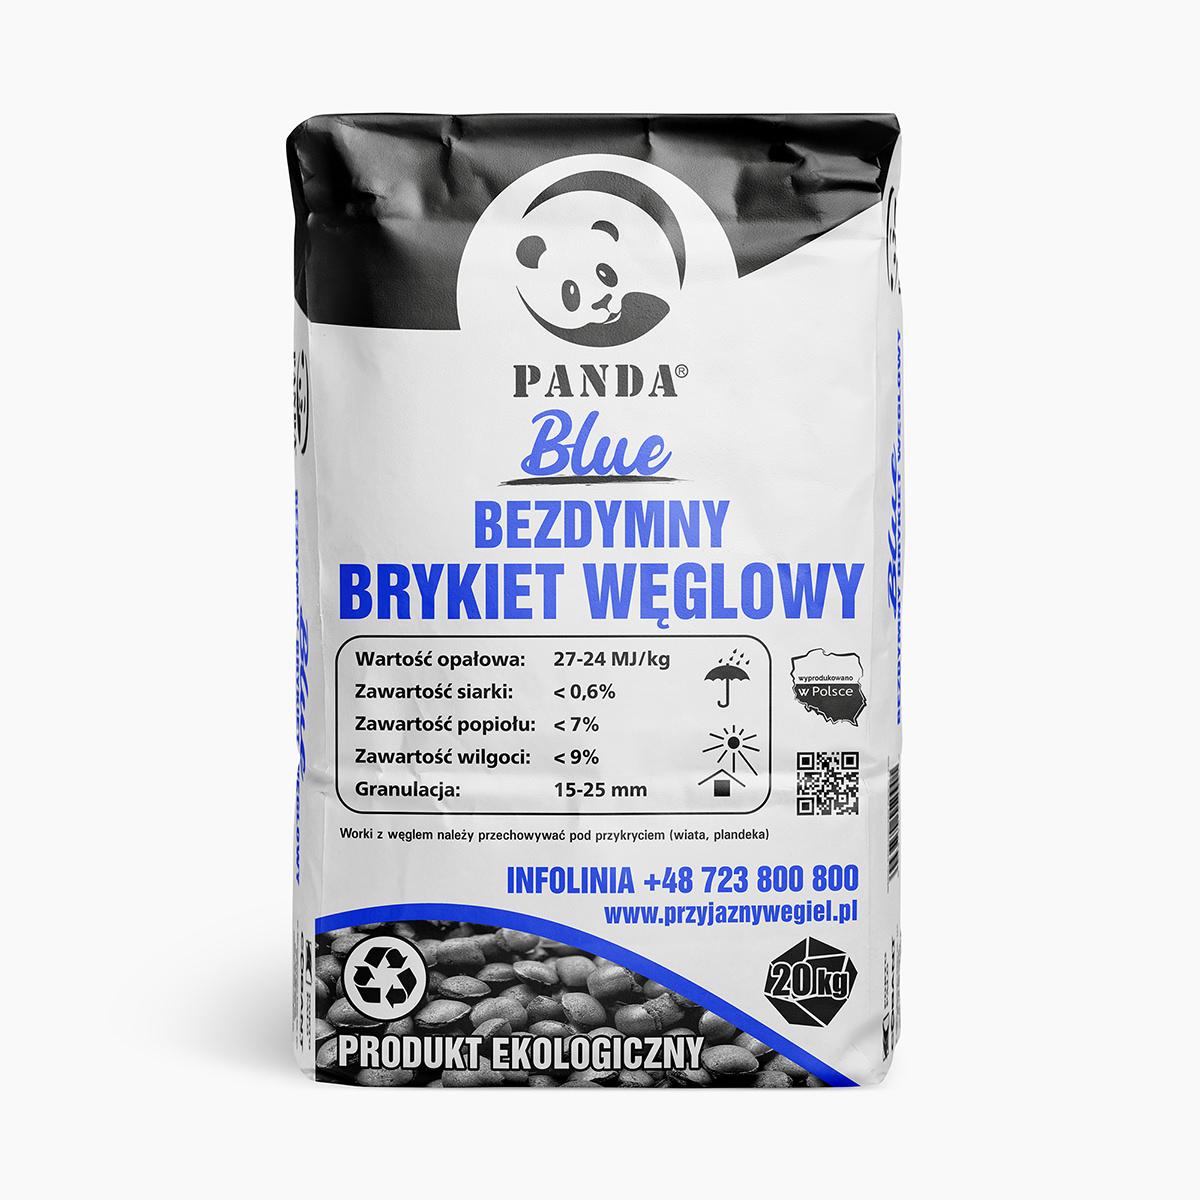 Bezdymny brykiet węglowy PANDA Blue | Przyjazny Węgiel - sklep online z ekologicznym opałem